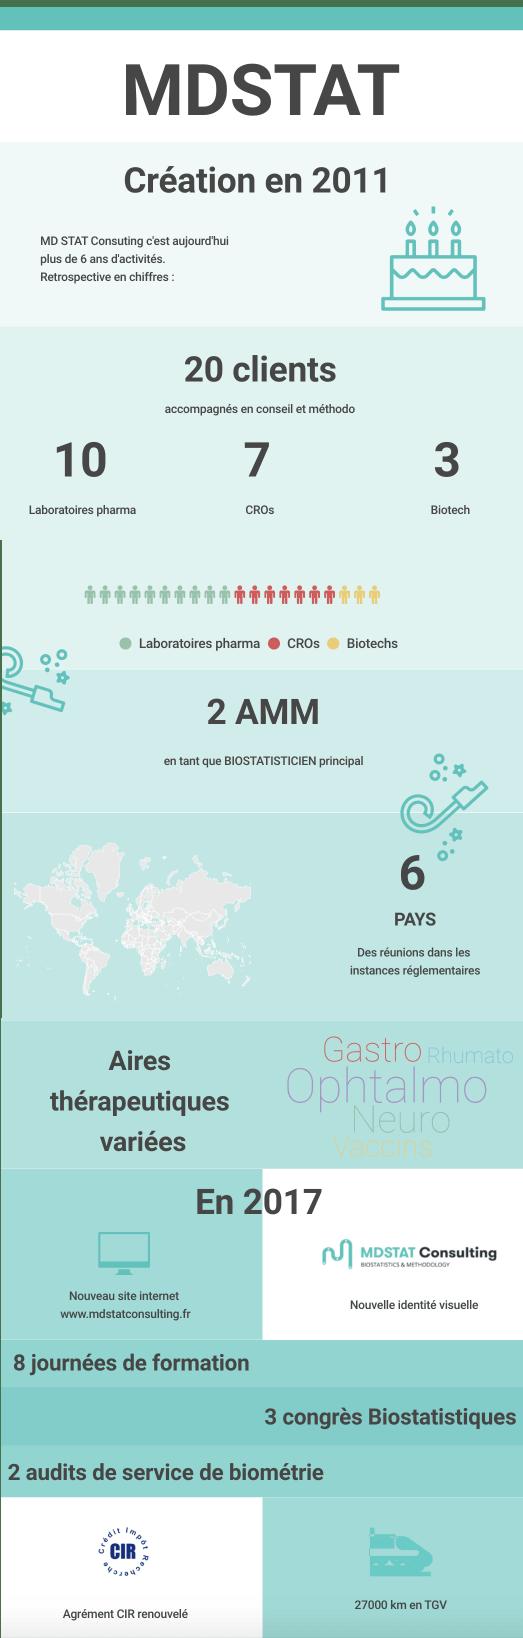 Infographie MDSTAT 2017